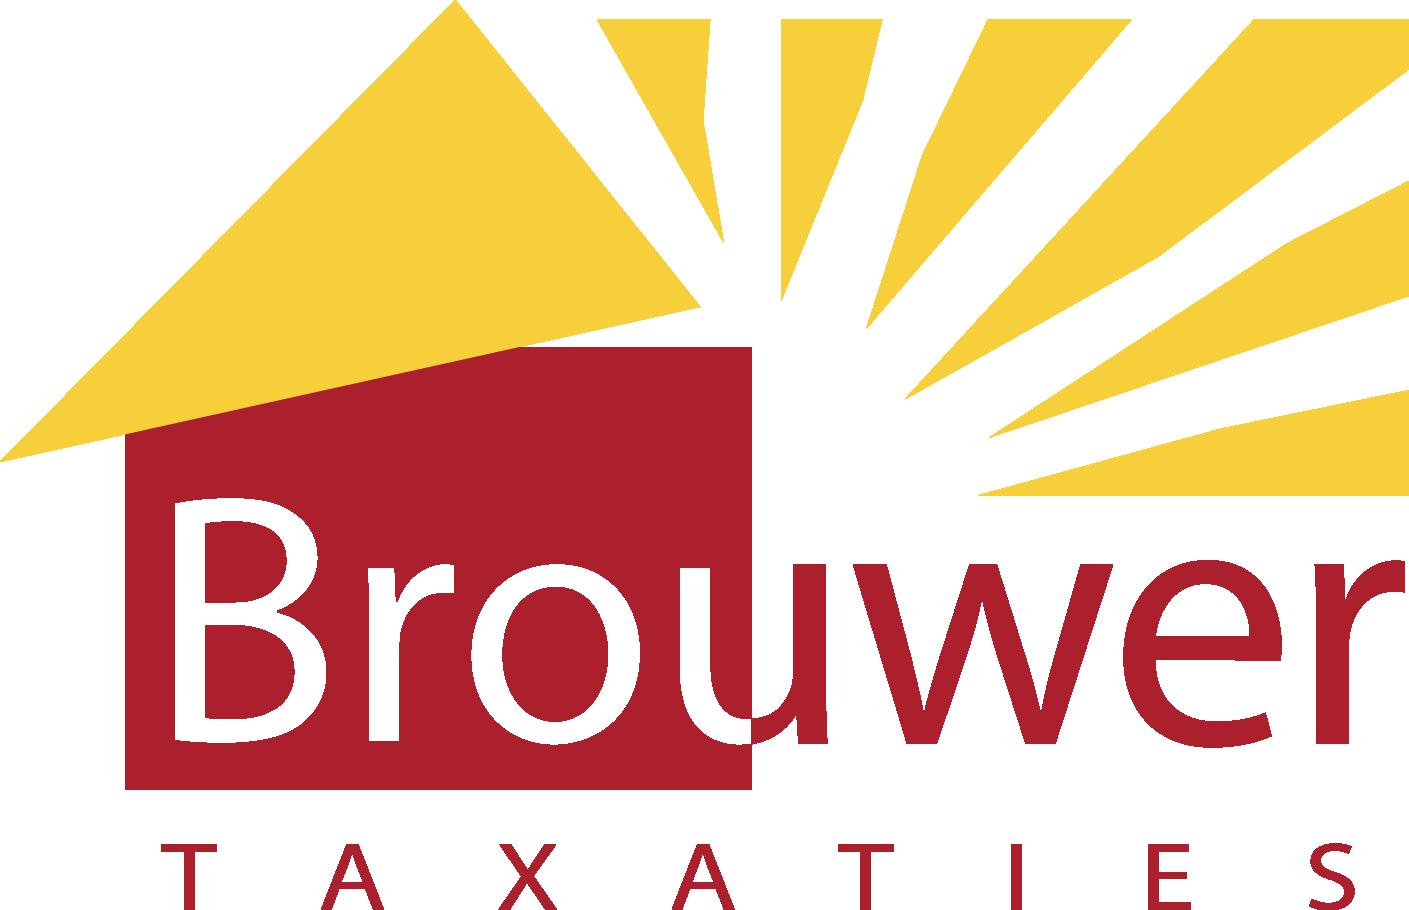 Logo_BrouwerTaxaties_versie2015